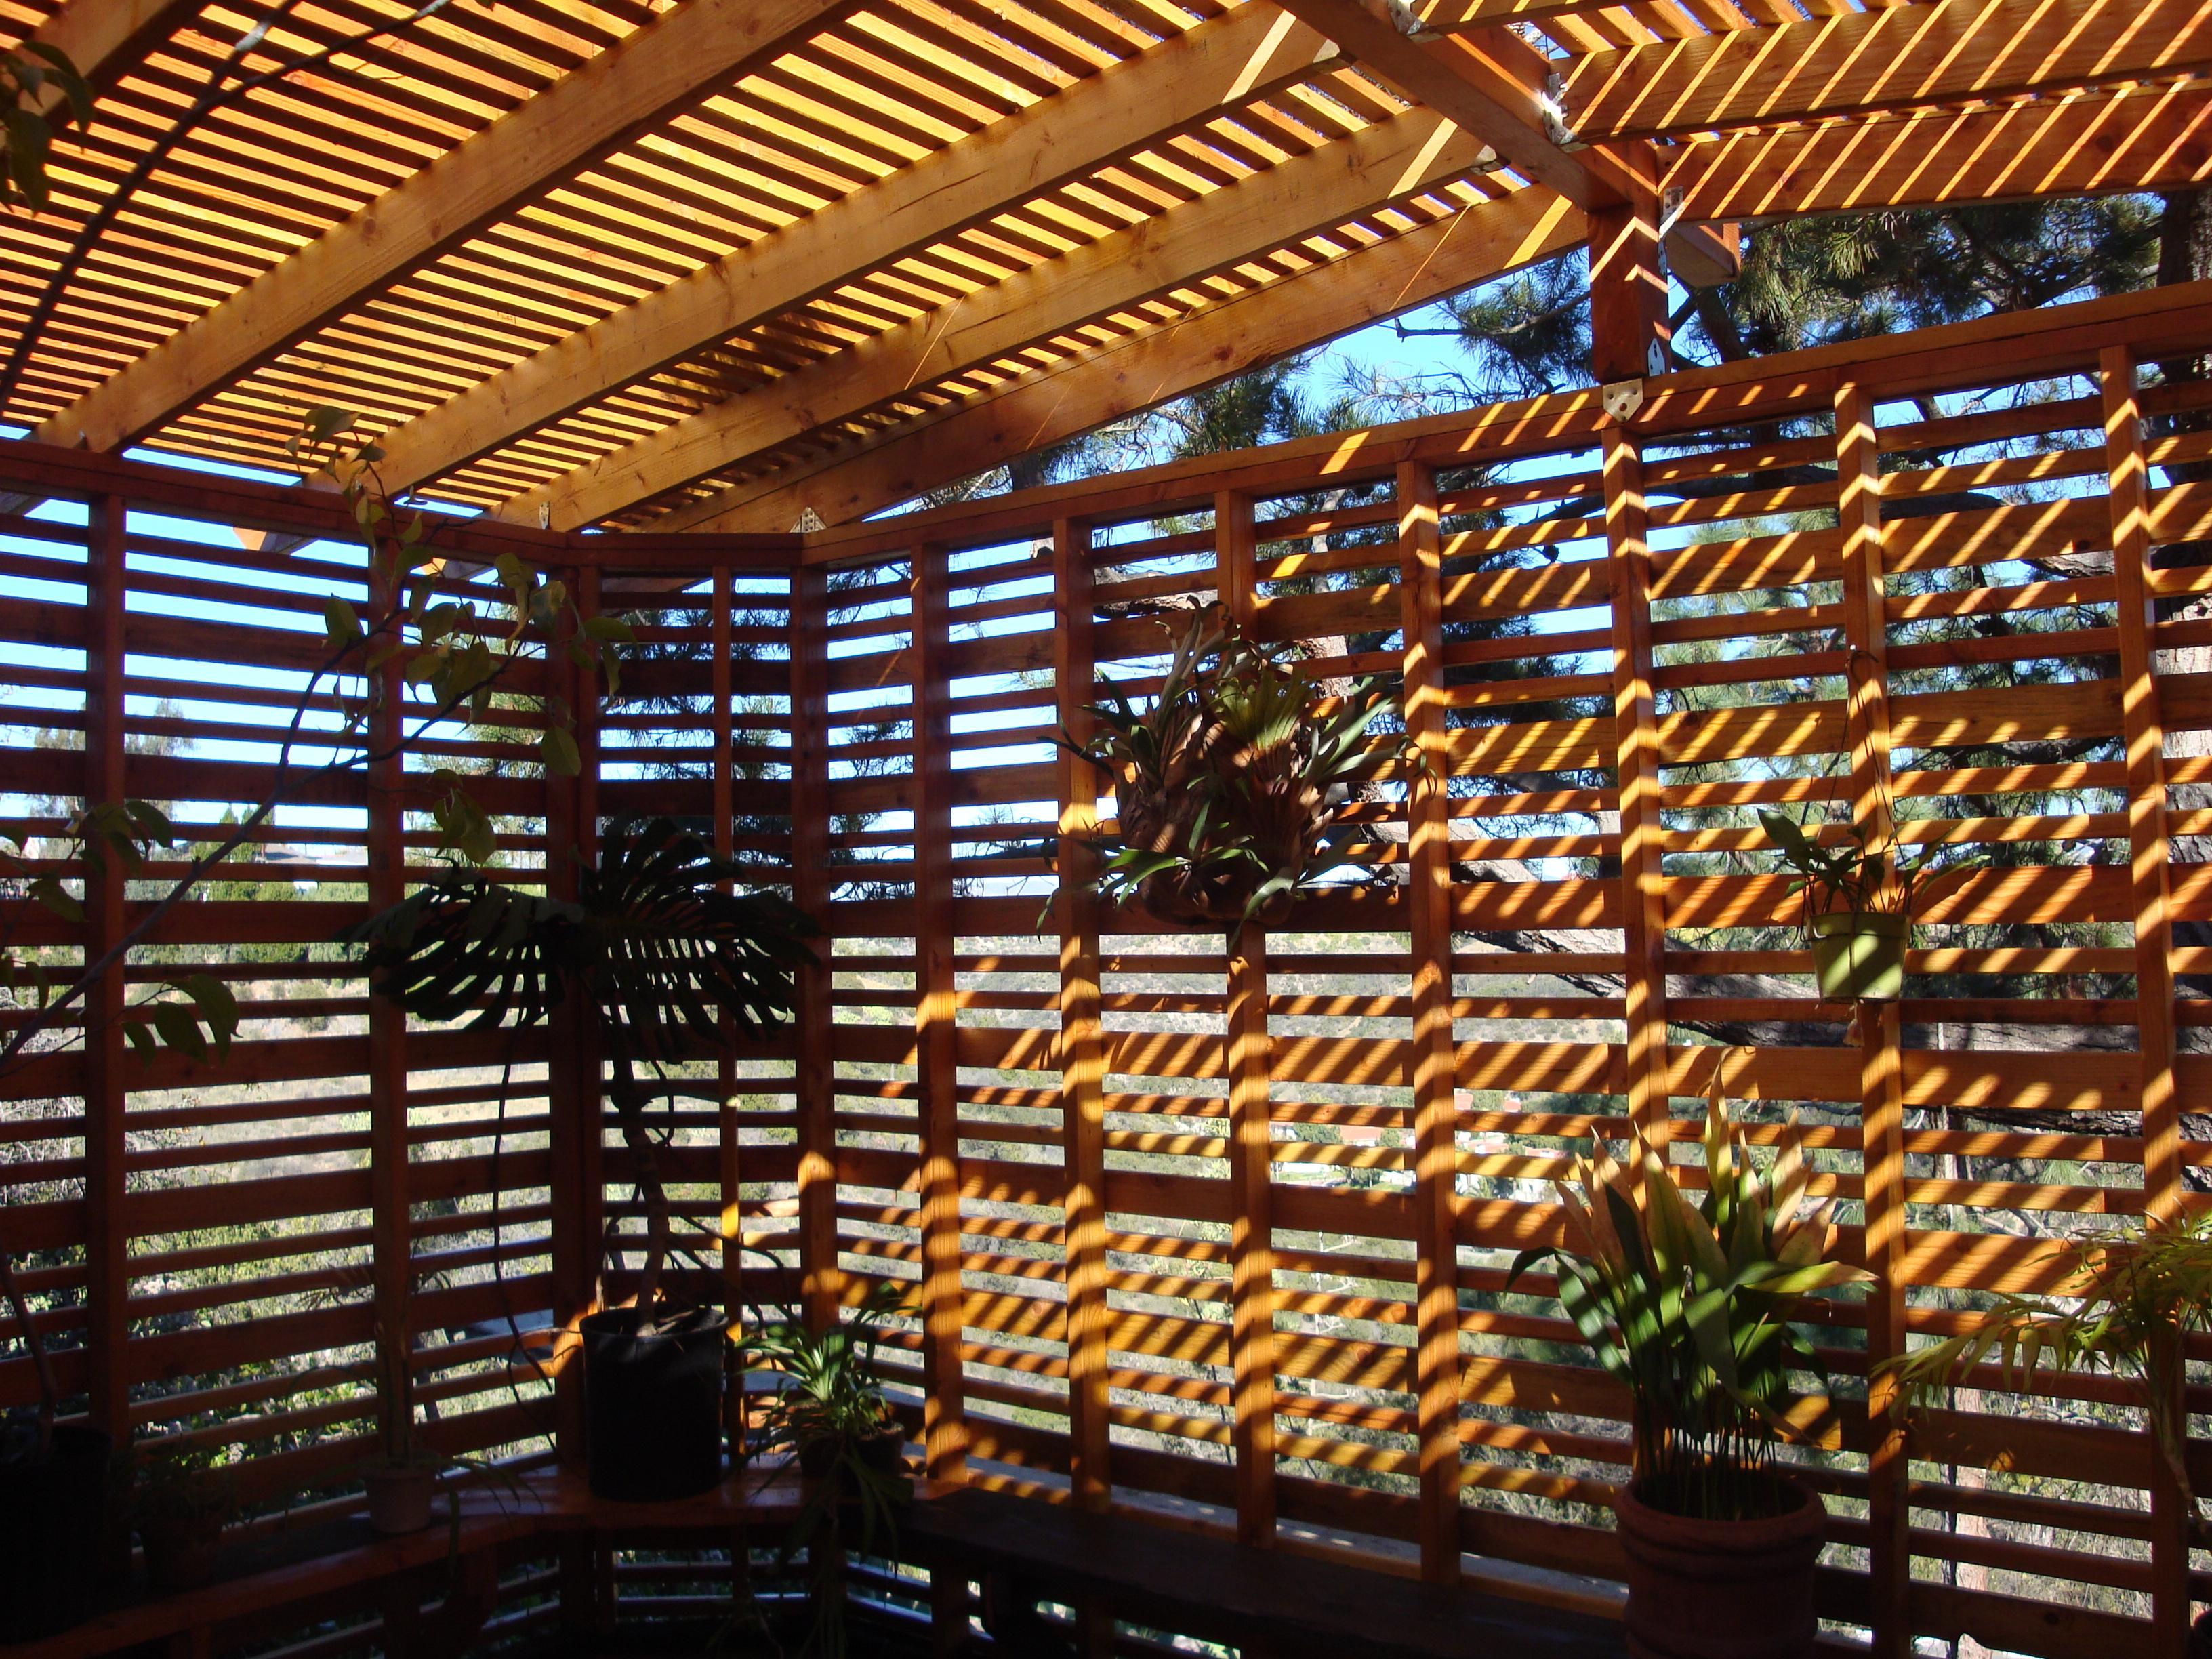 Orchid Lath House Peak Landscape Design